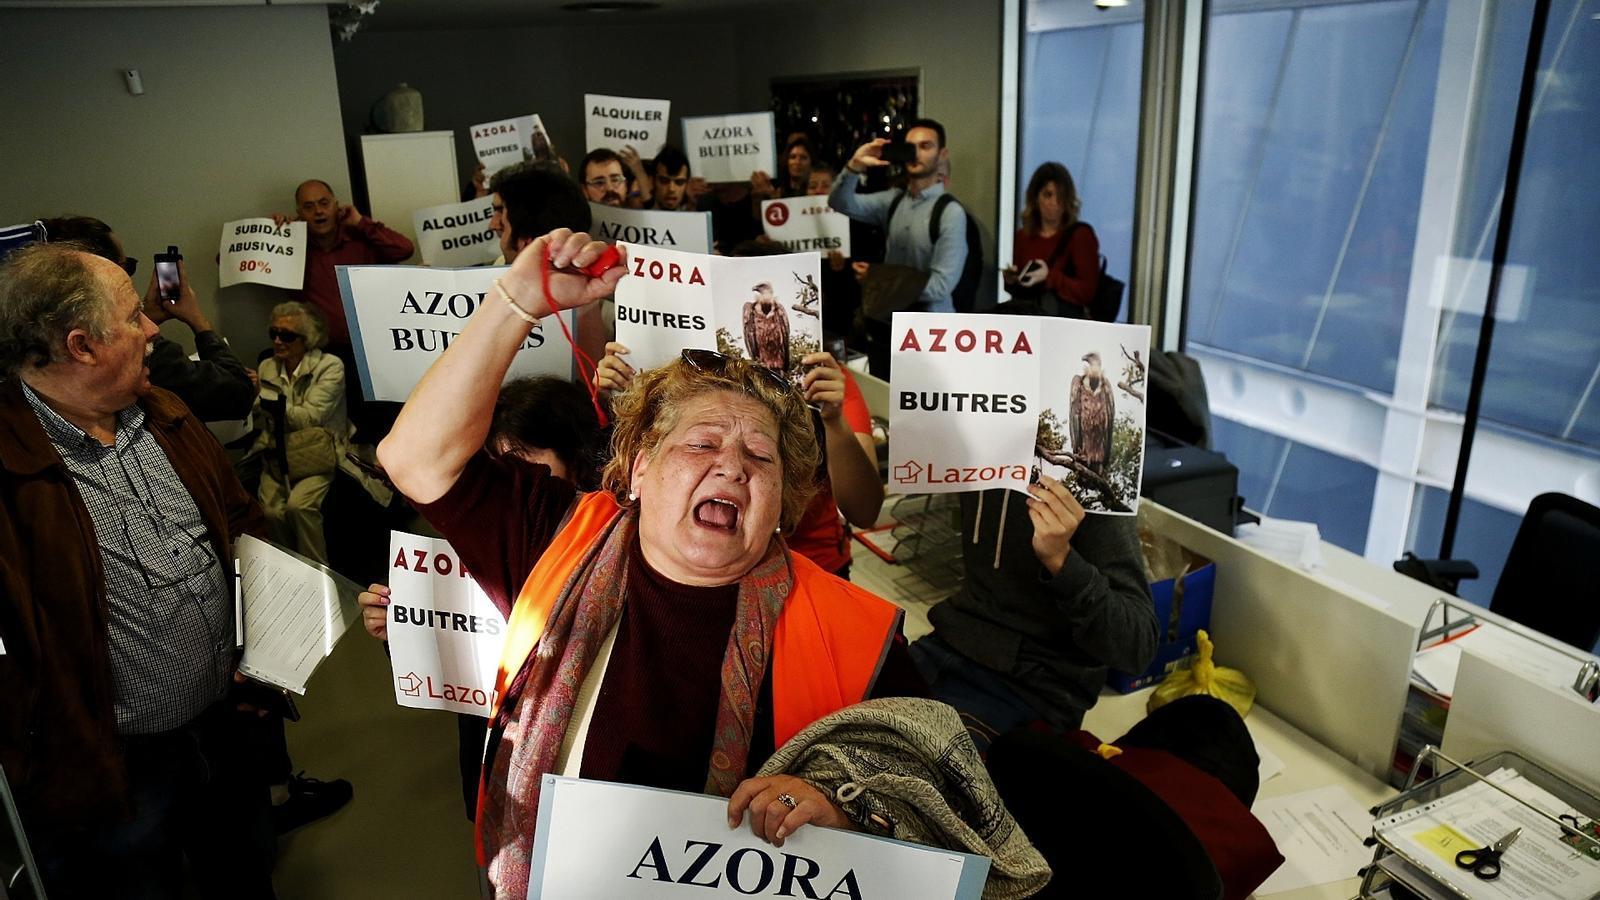 Més de 200 veïns ocupen les oficines d'un fons d'inversió per forçar una negociació dels lloguers